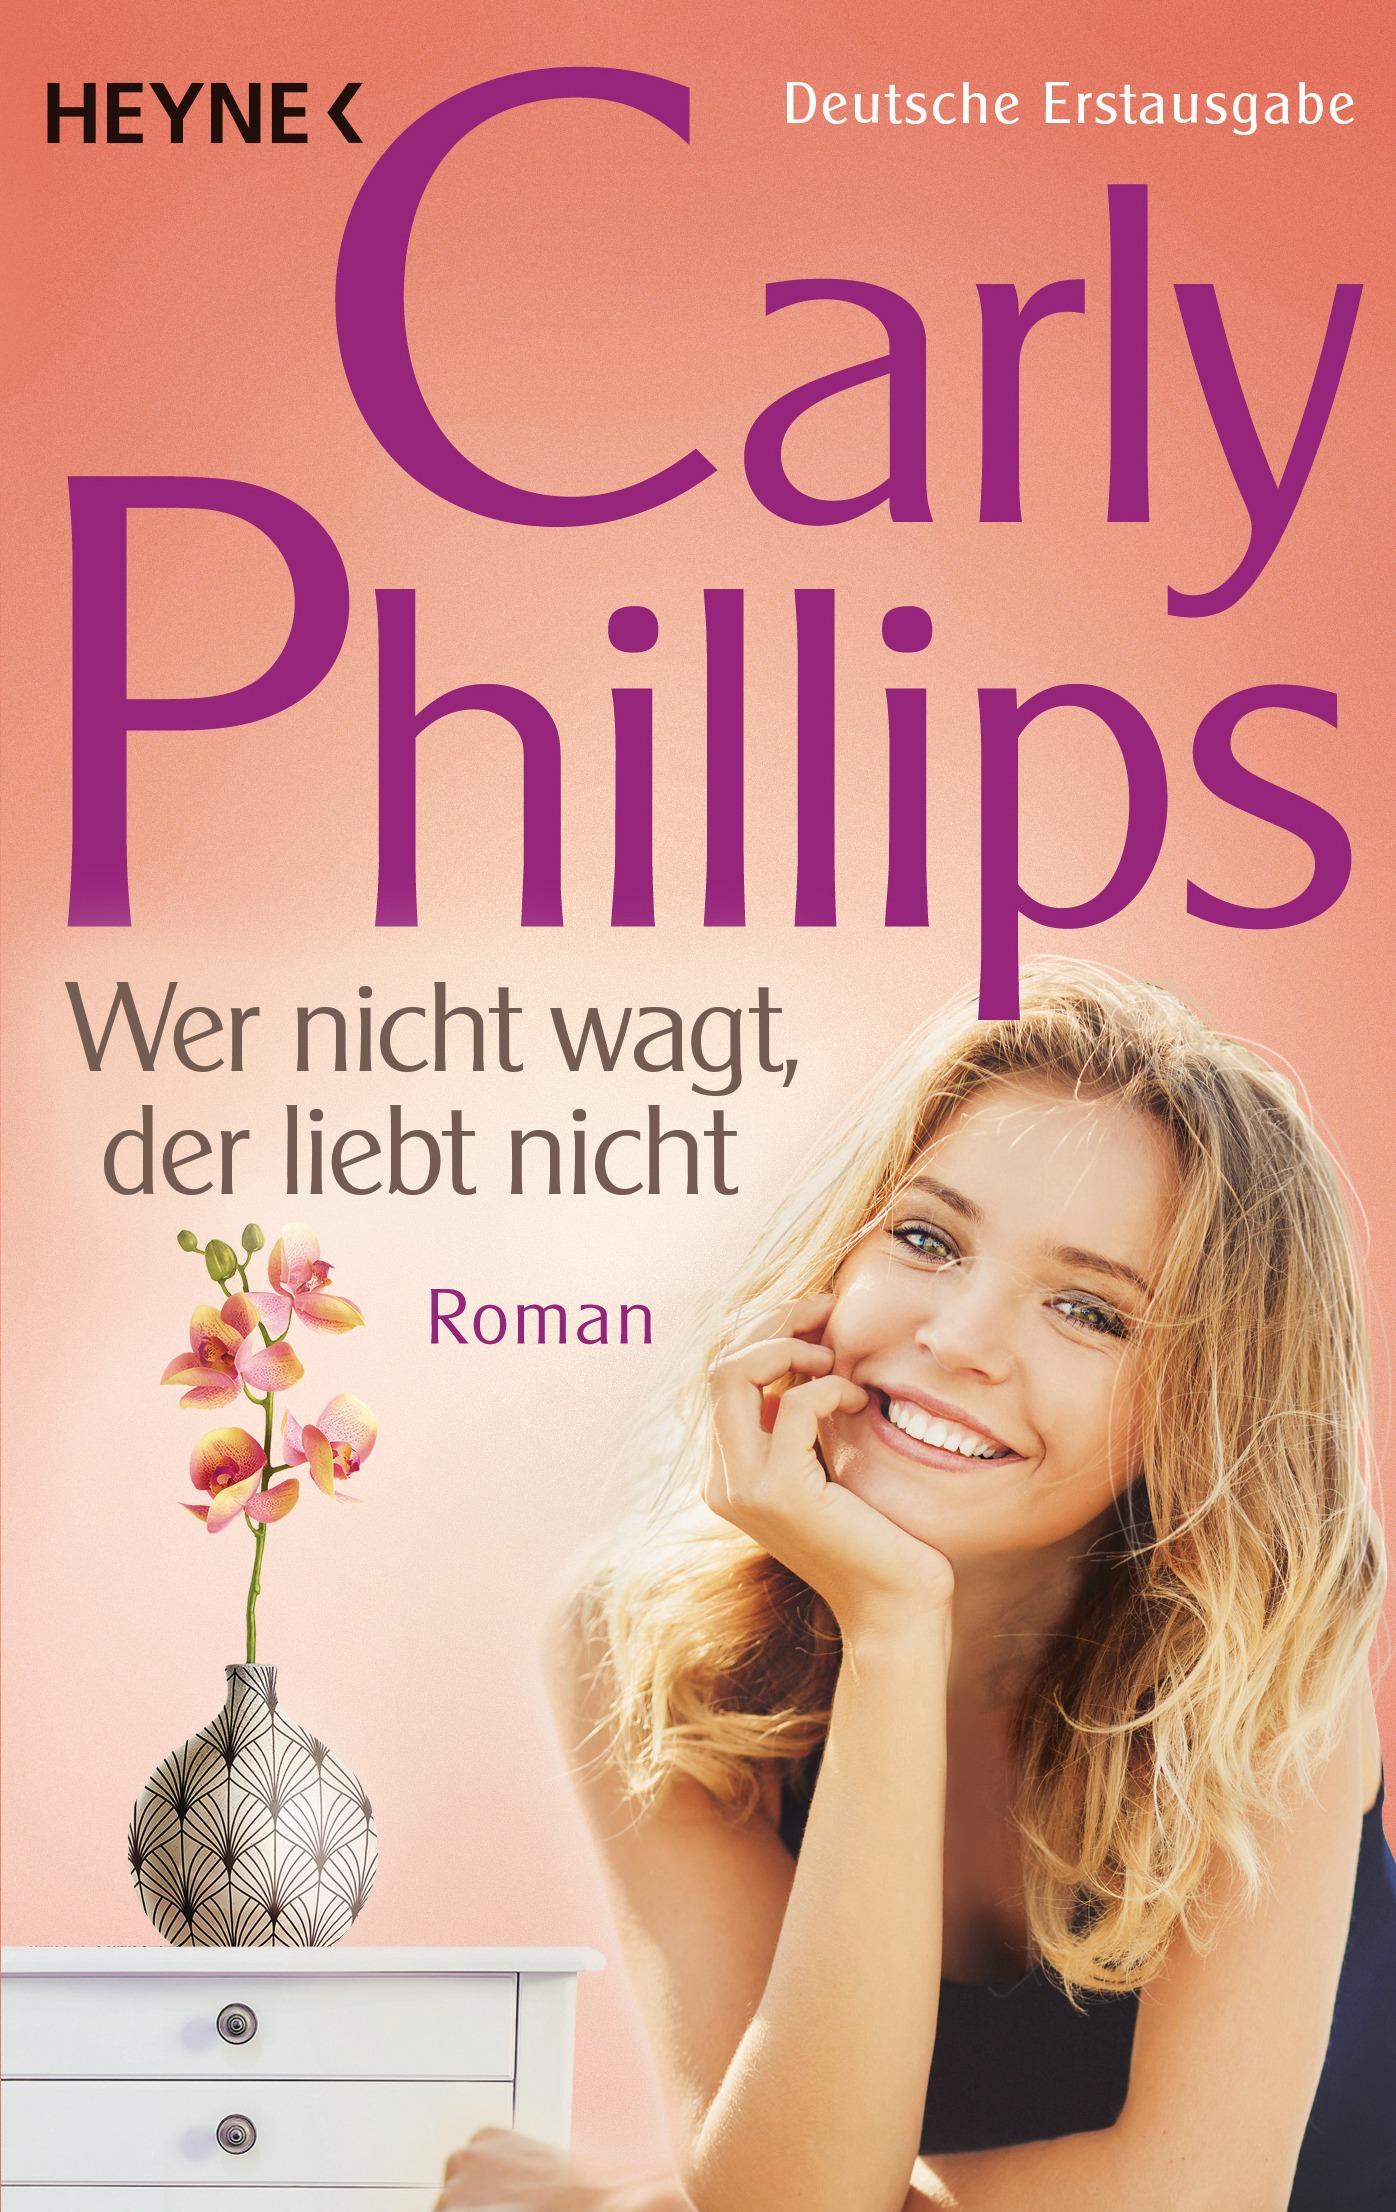 Wer nicht wagt, der liebt nicht - Carly Phillips